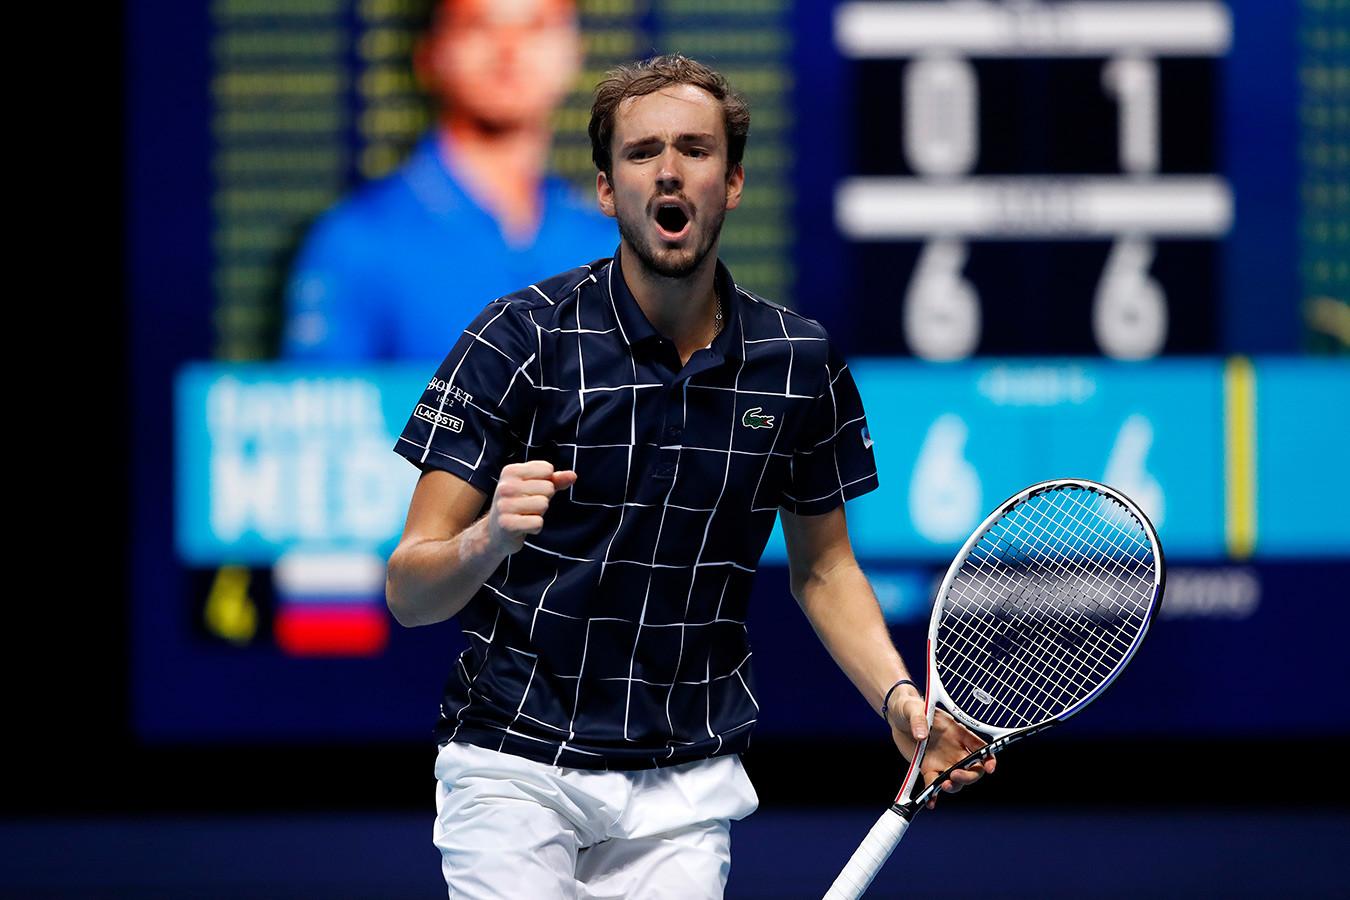 Медведев – в финале Итогового турнира! Даниил впервые в карьере победил Рафаэля Надаля